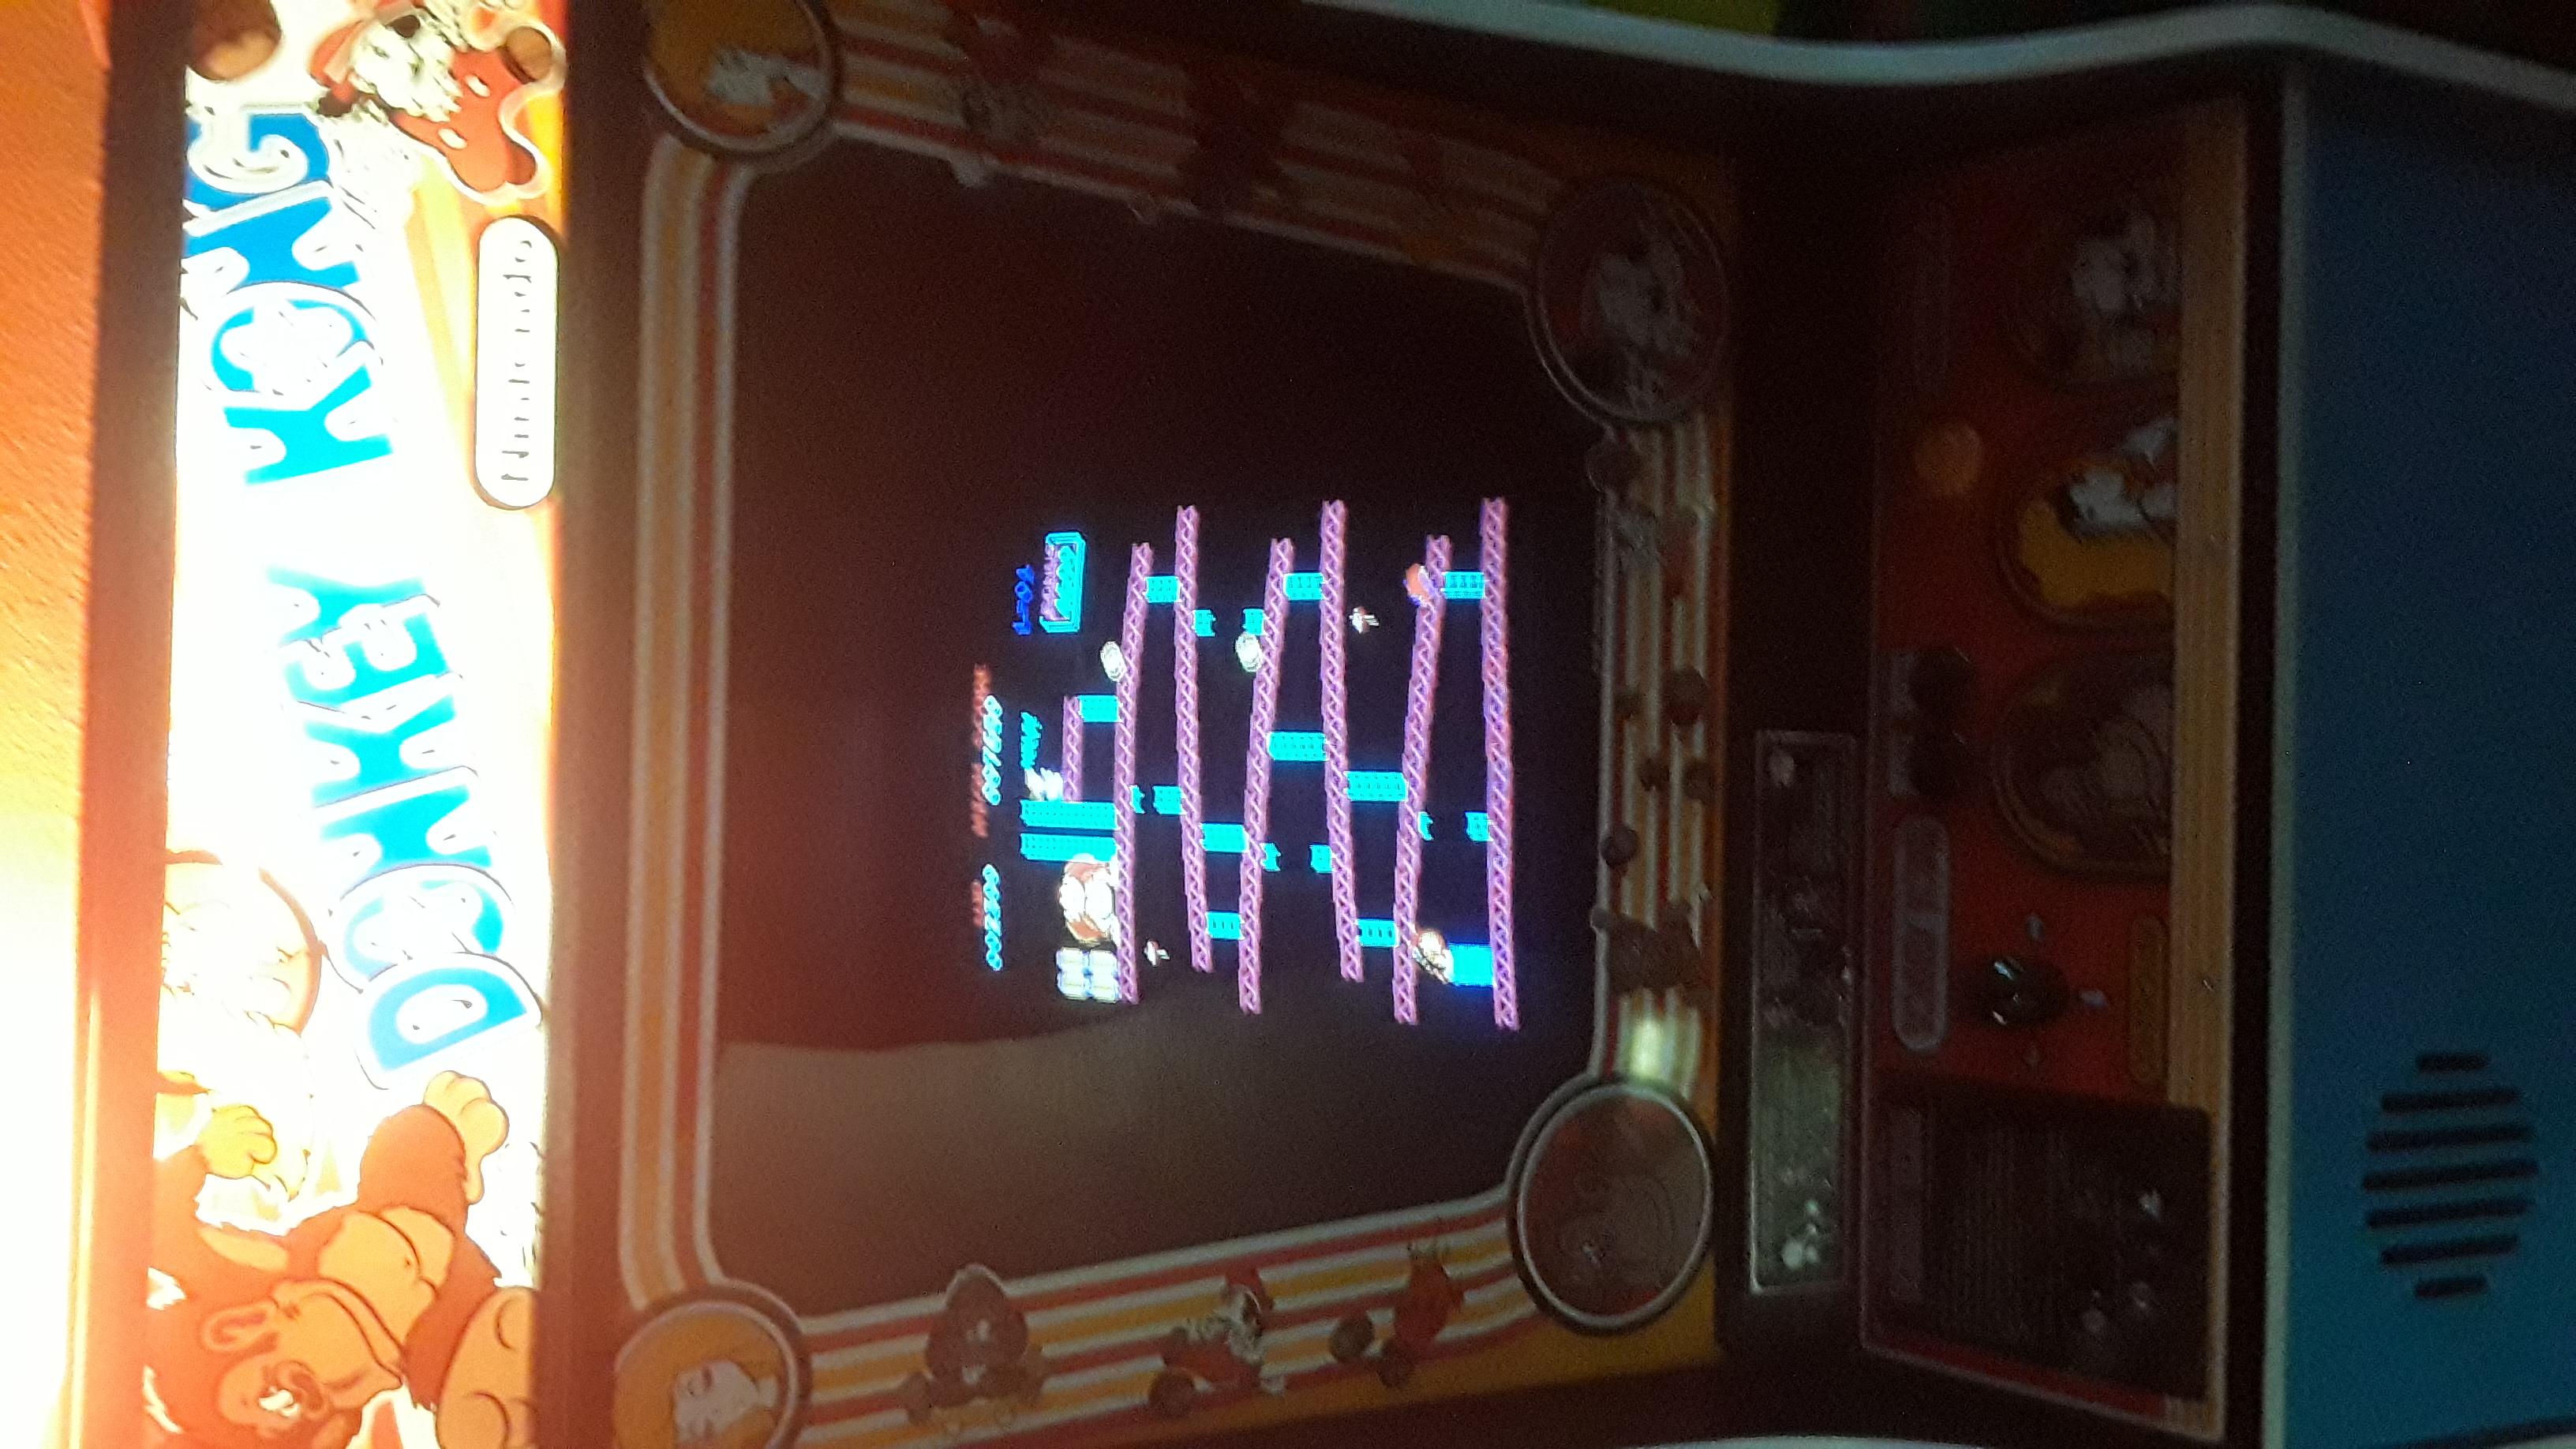 JML101582: Donkey Kong (Arcade) 2,300 points on 2019-10-23 15:58:23